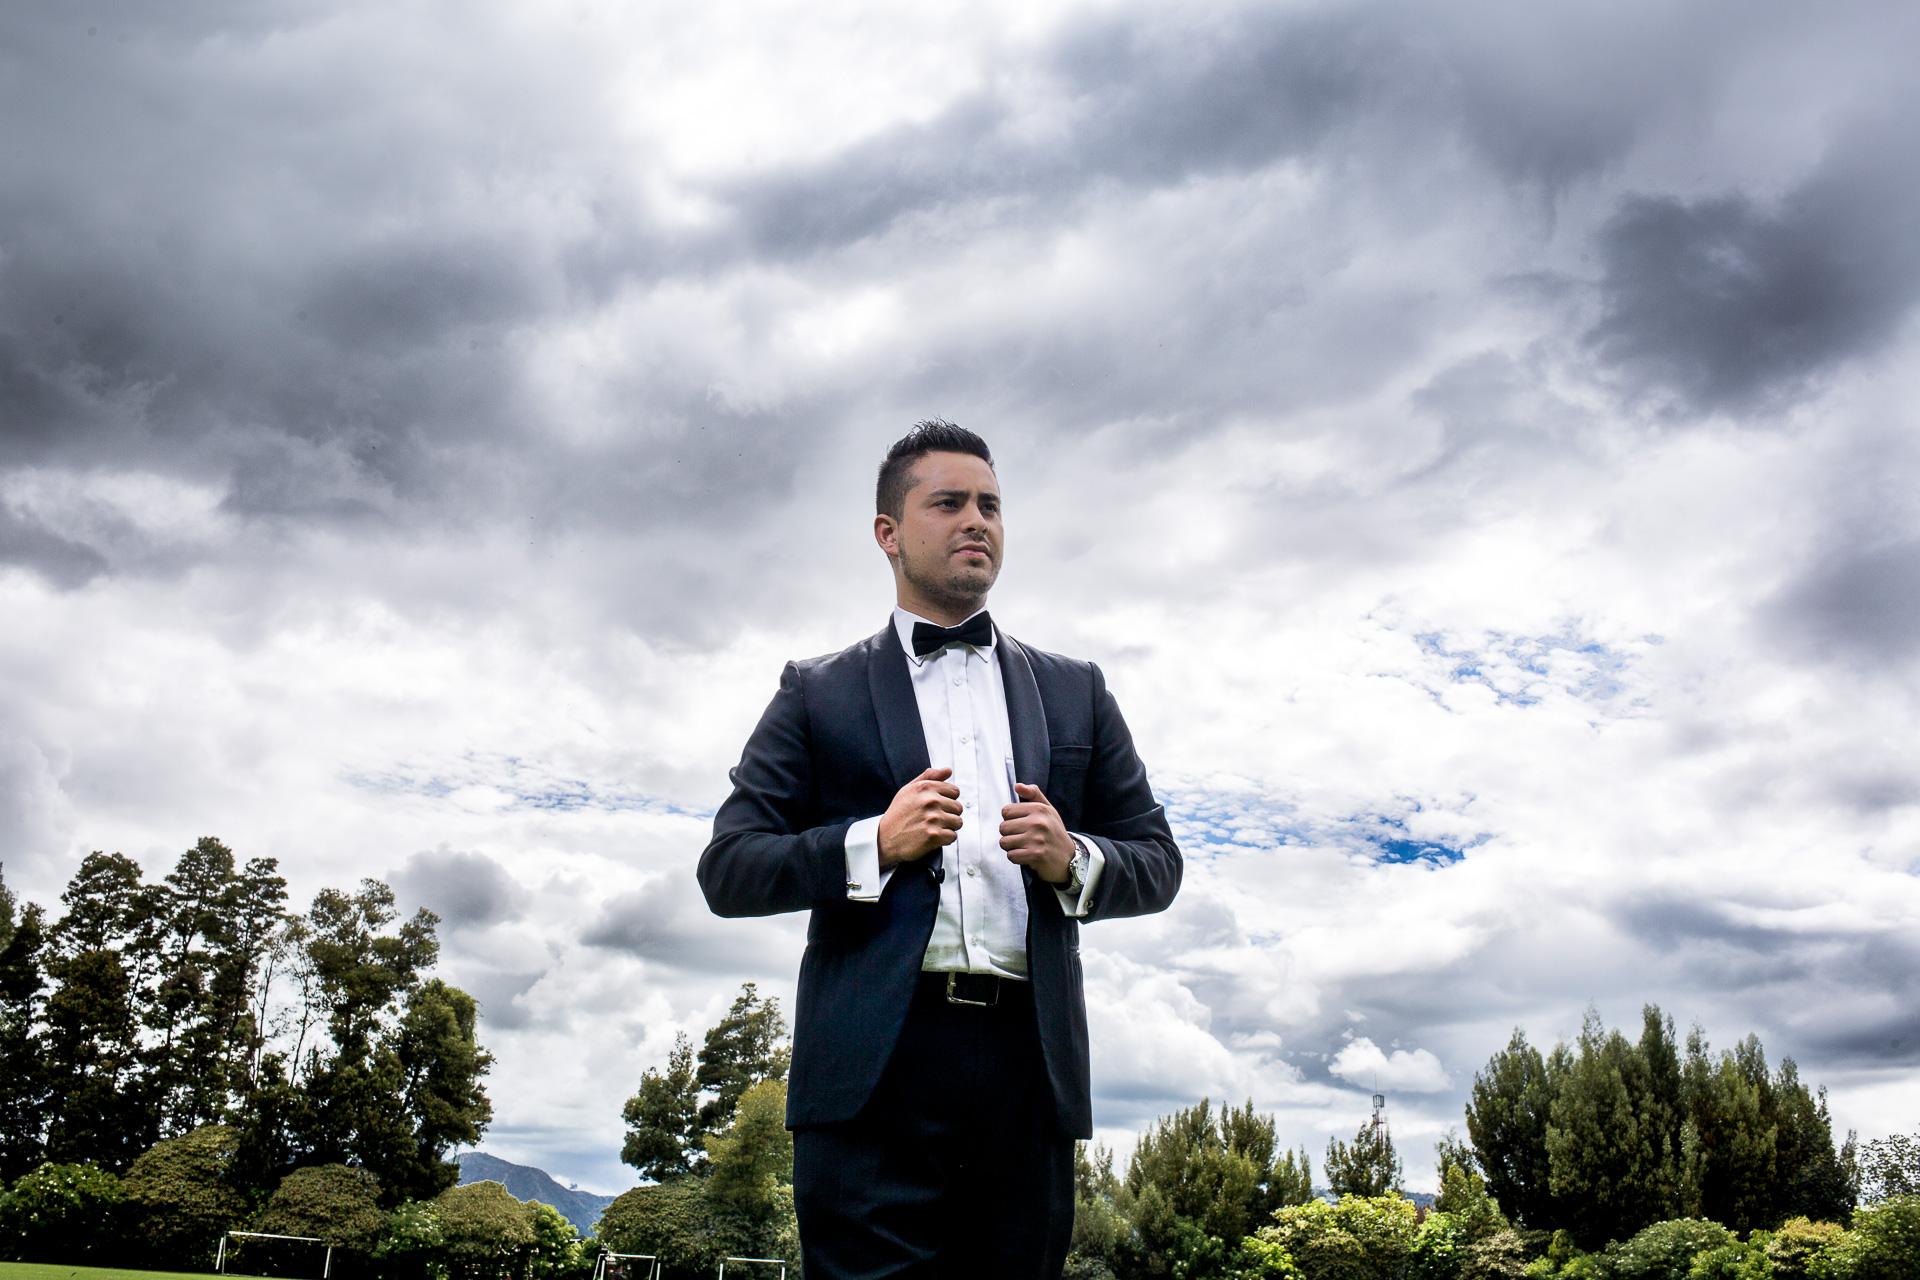 Fotógrafos-de-bodas-en-Colombia-Alejandro-y-Angelica-4 ALEJANDRO + ANGELICA